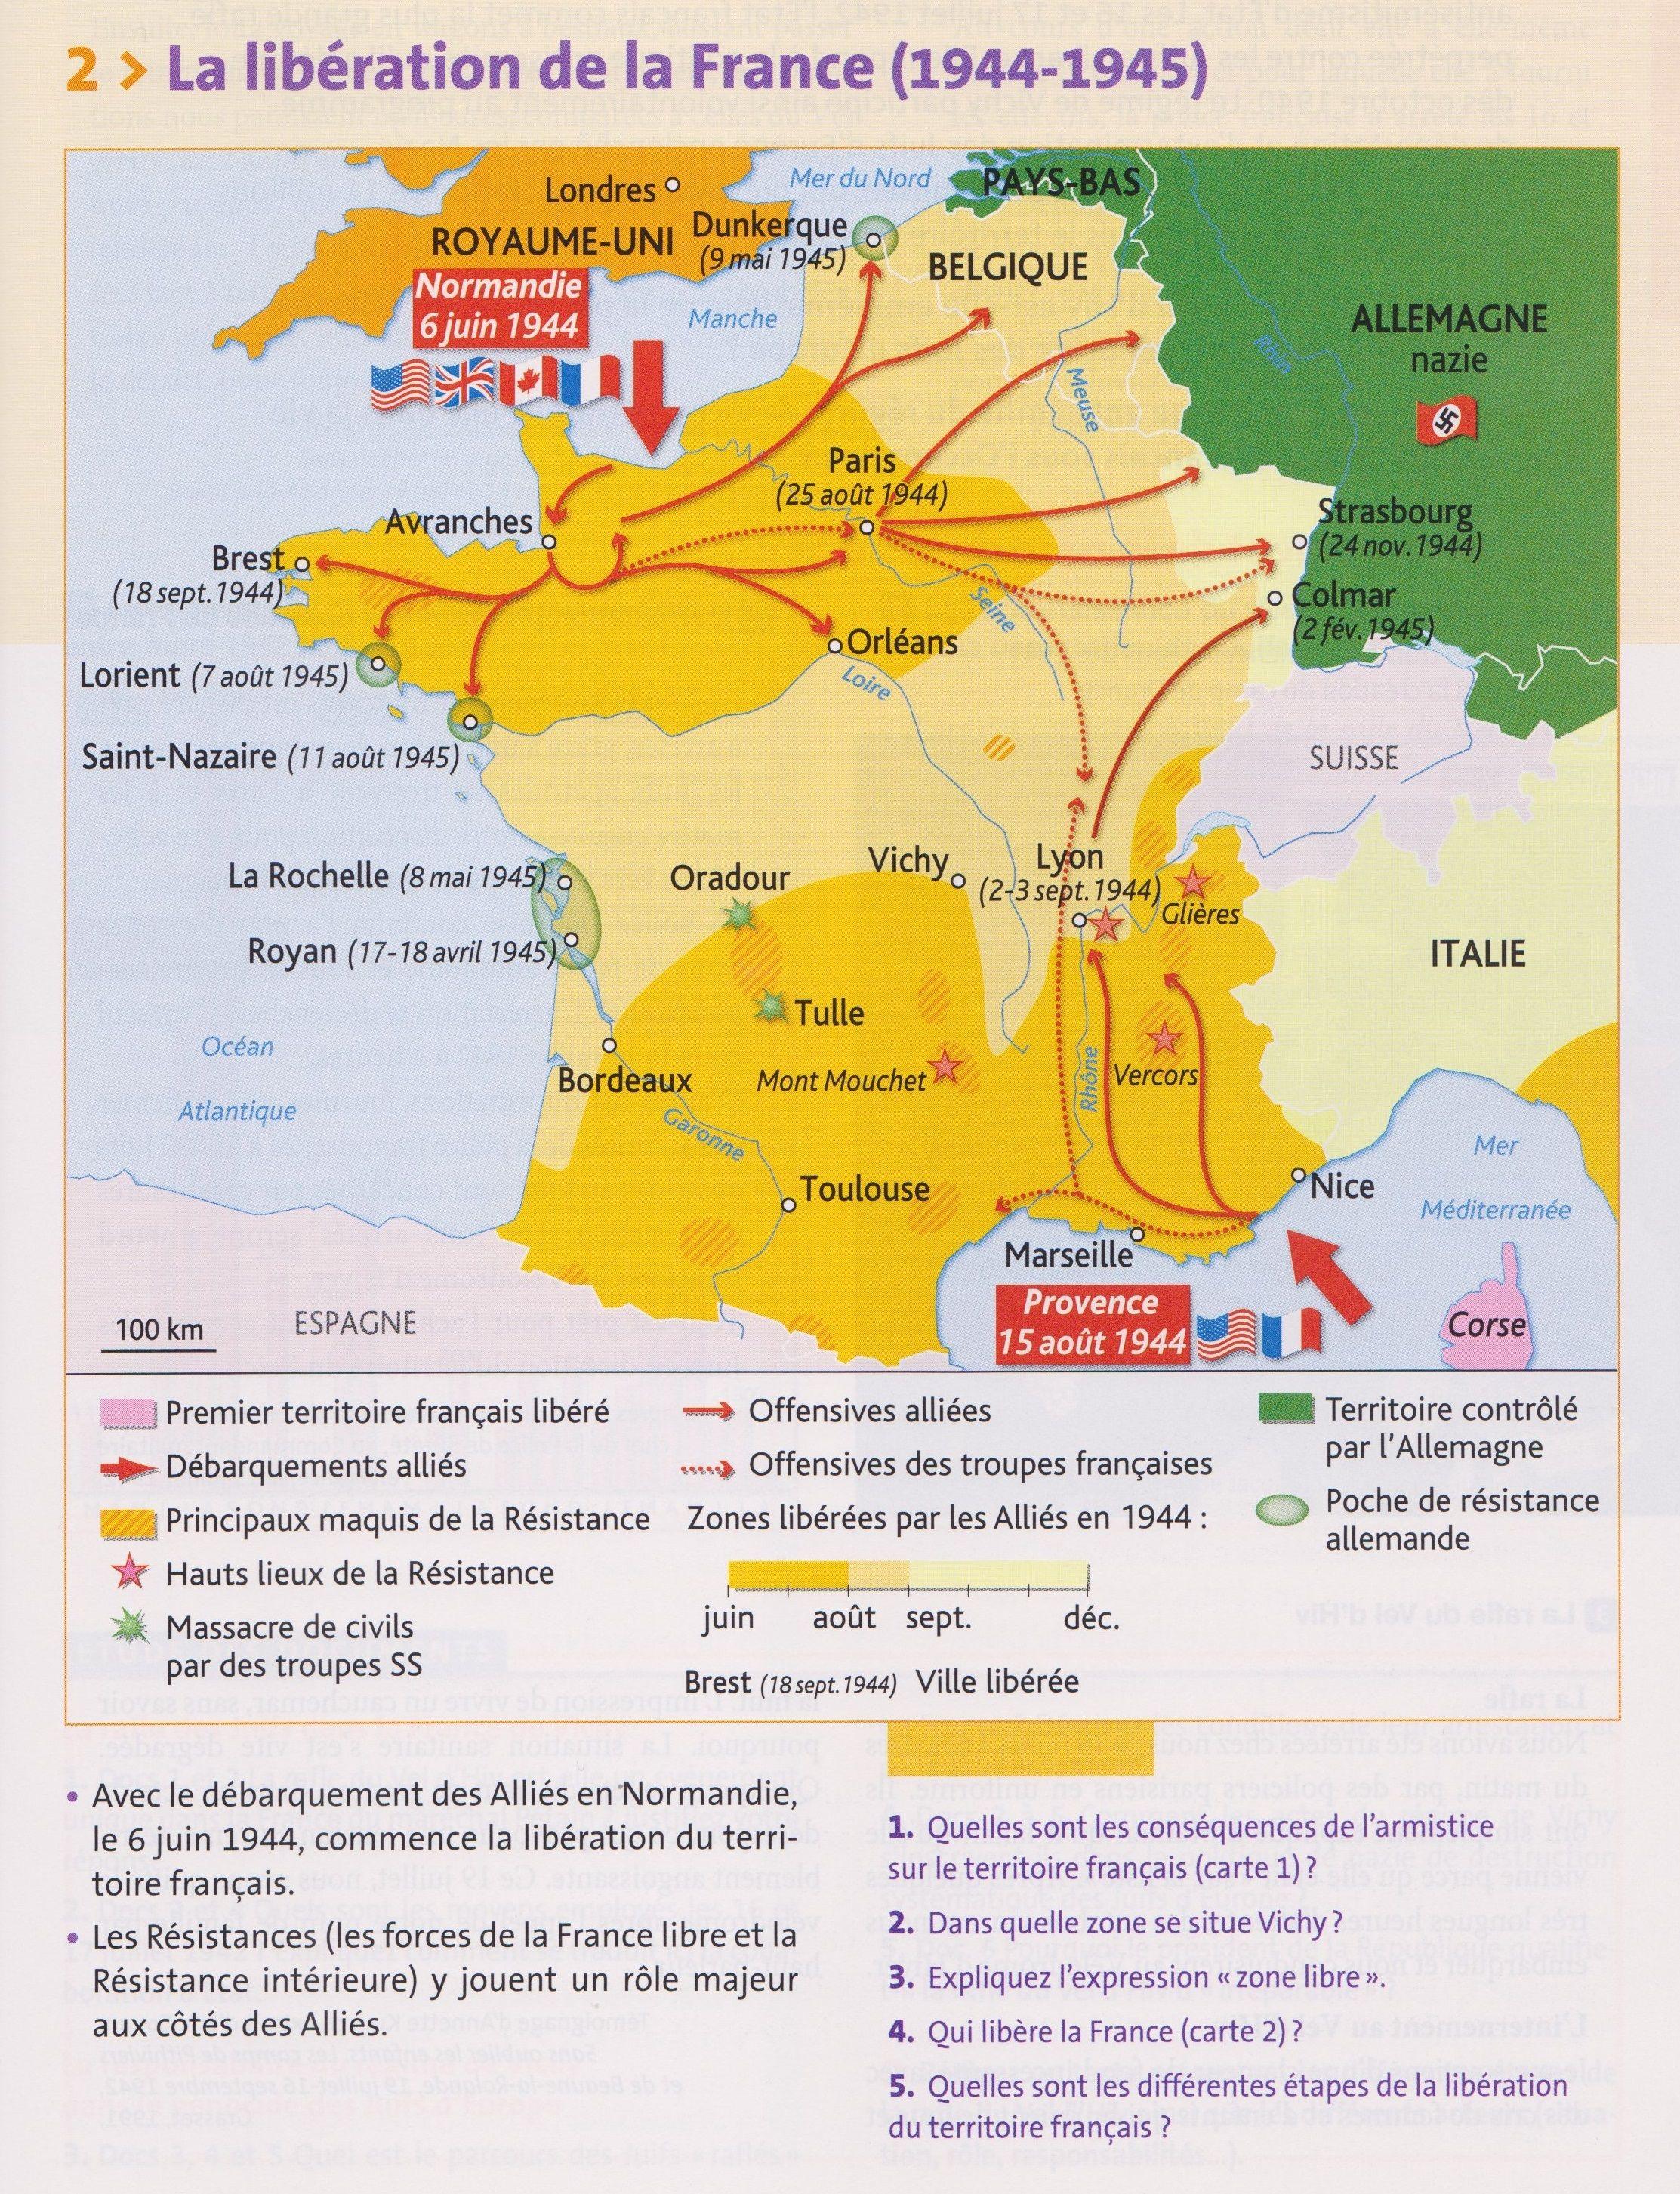 carte de la france PBac H4 : Carte de la libération du territoire français à la fin